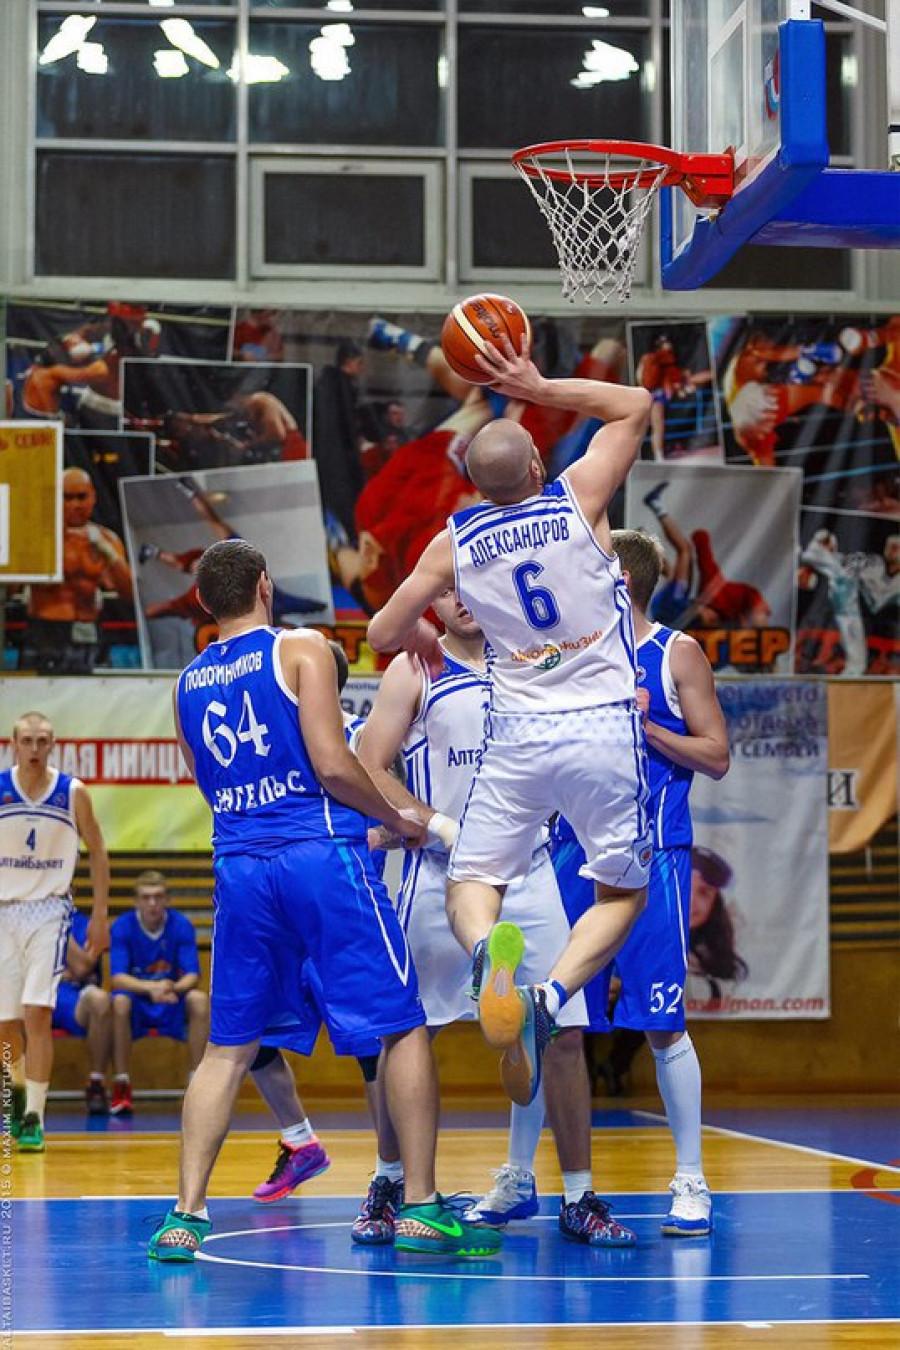 Илья Александров.